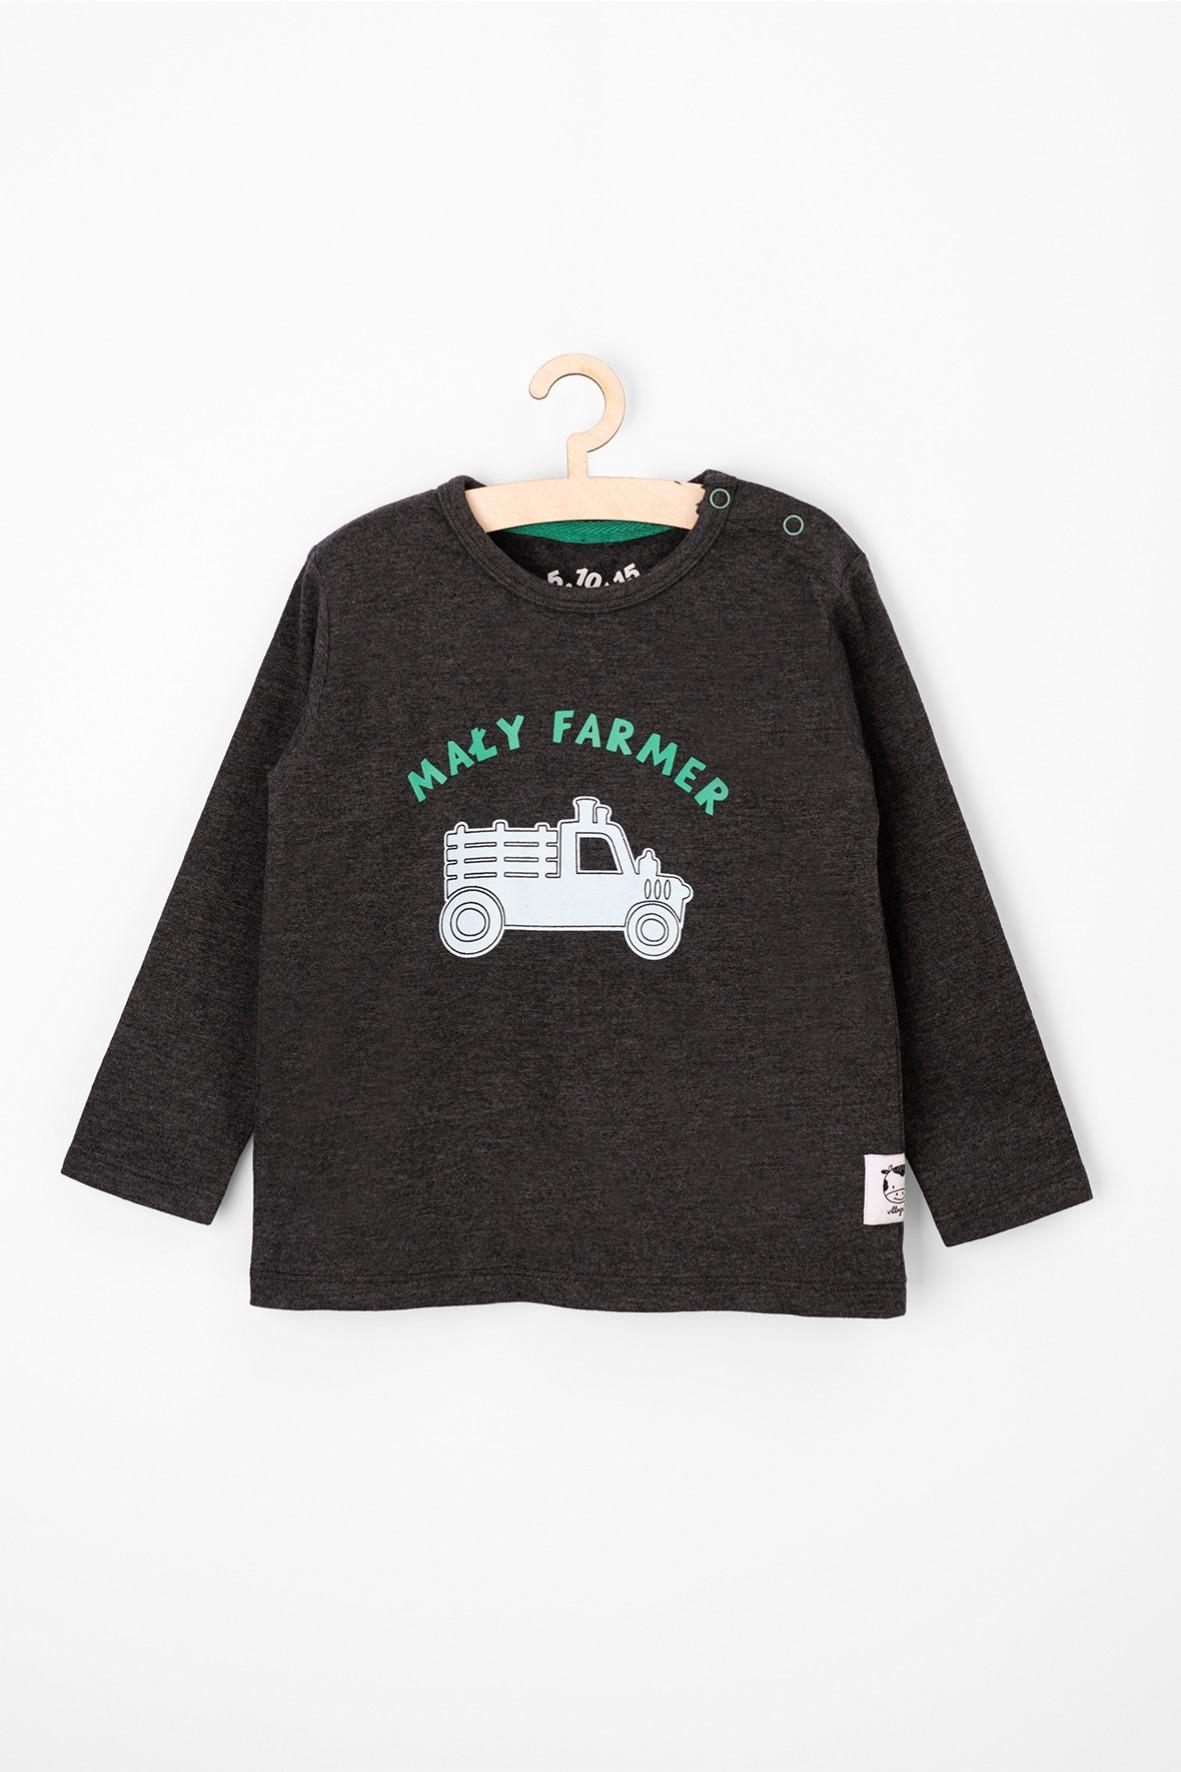 Bluzka chłopięca z miękkiej dzianiny-mały farmer